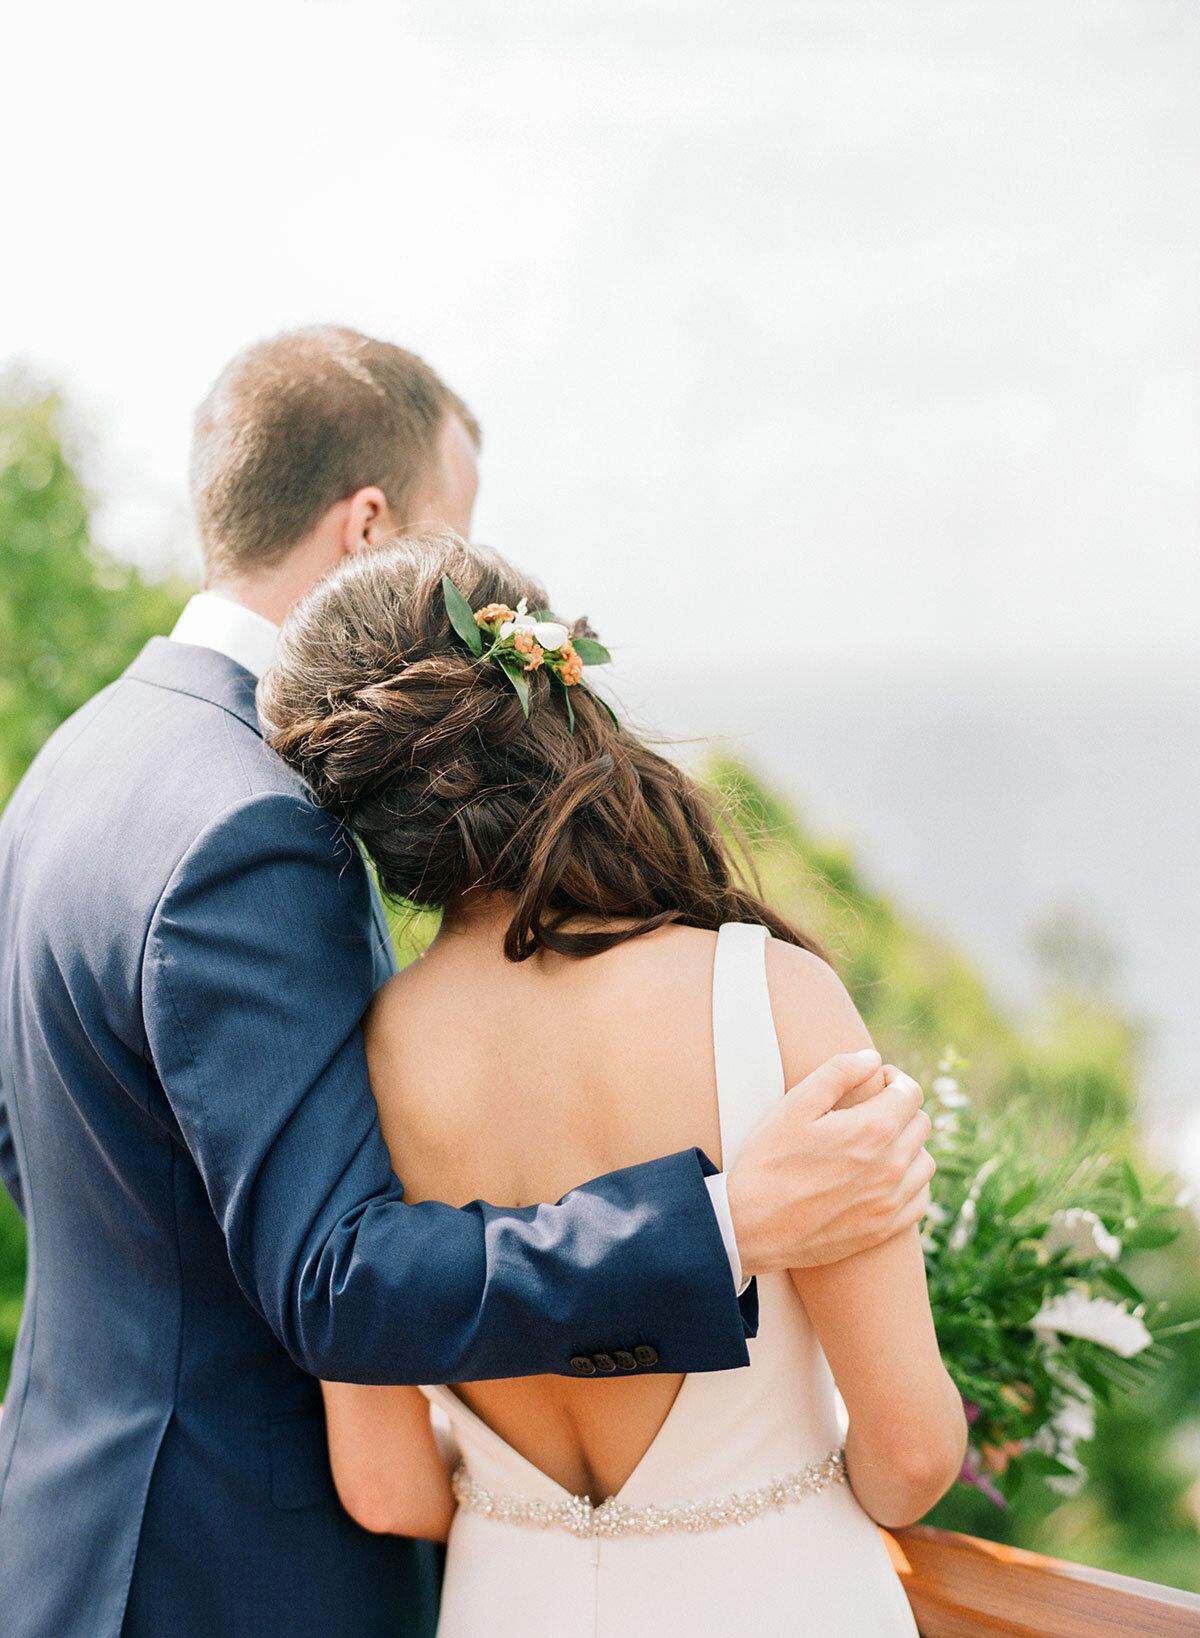 long-wedding-hair2.jpg